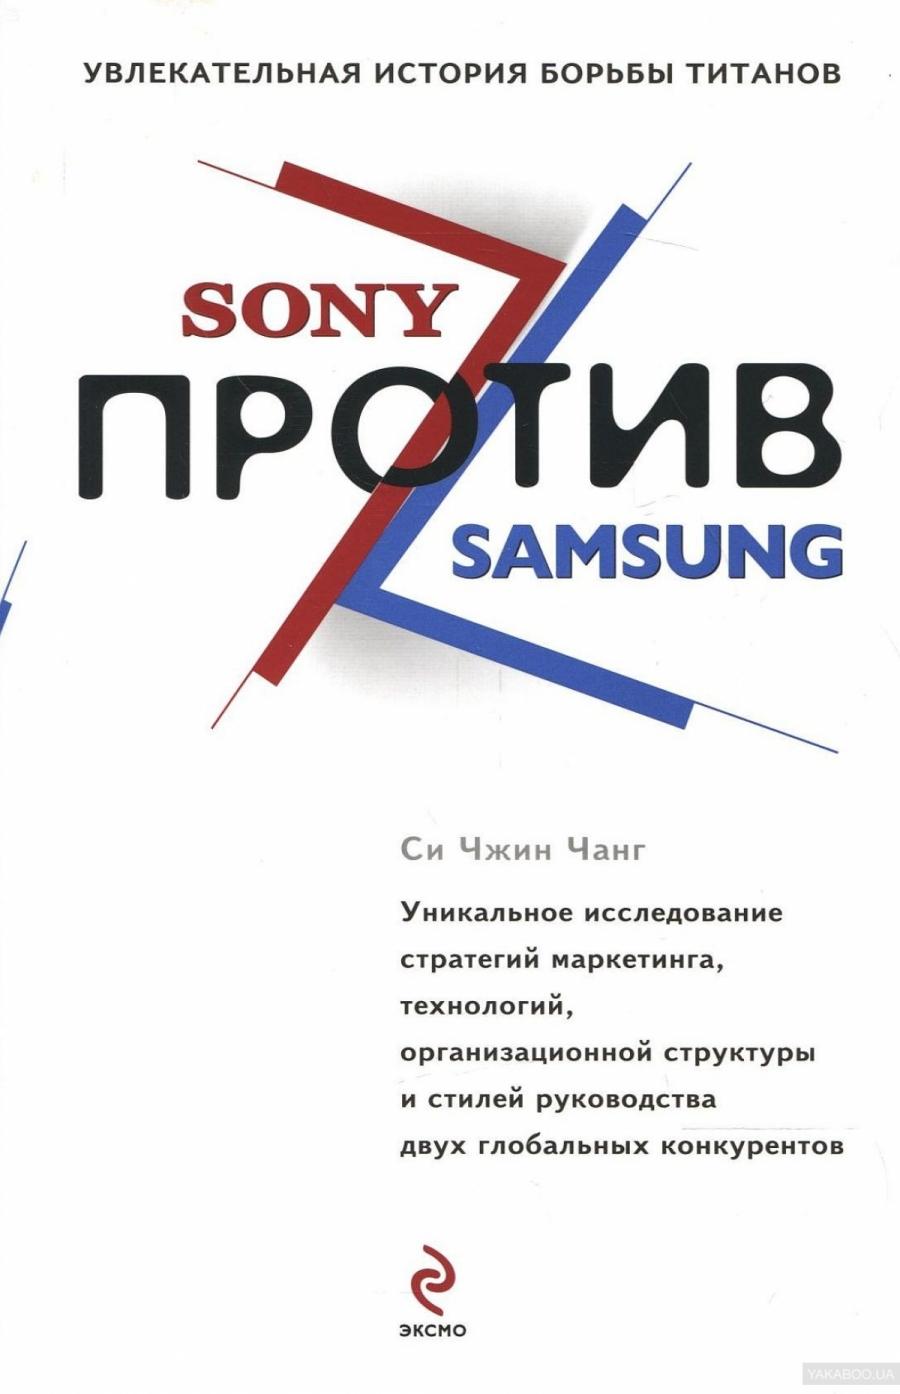 Обложка книги:  высший класс - си чжин чанг - sony против samsung. увлекательная история борьбы титанов